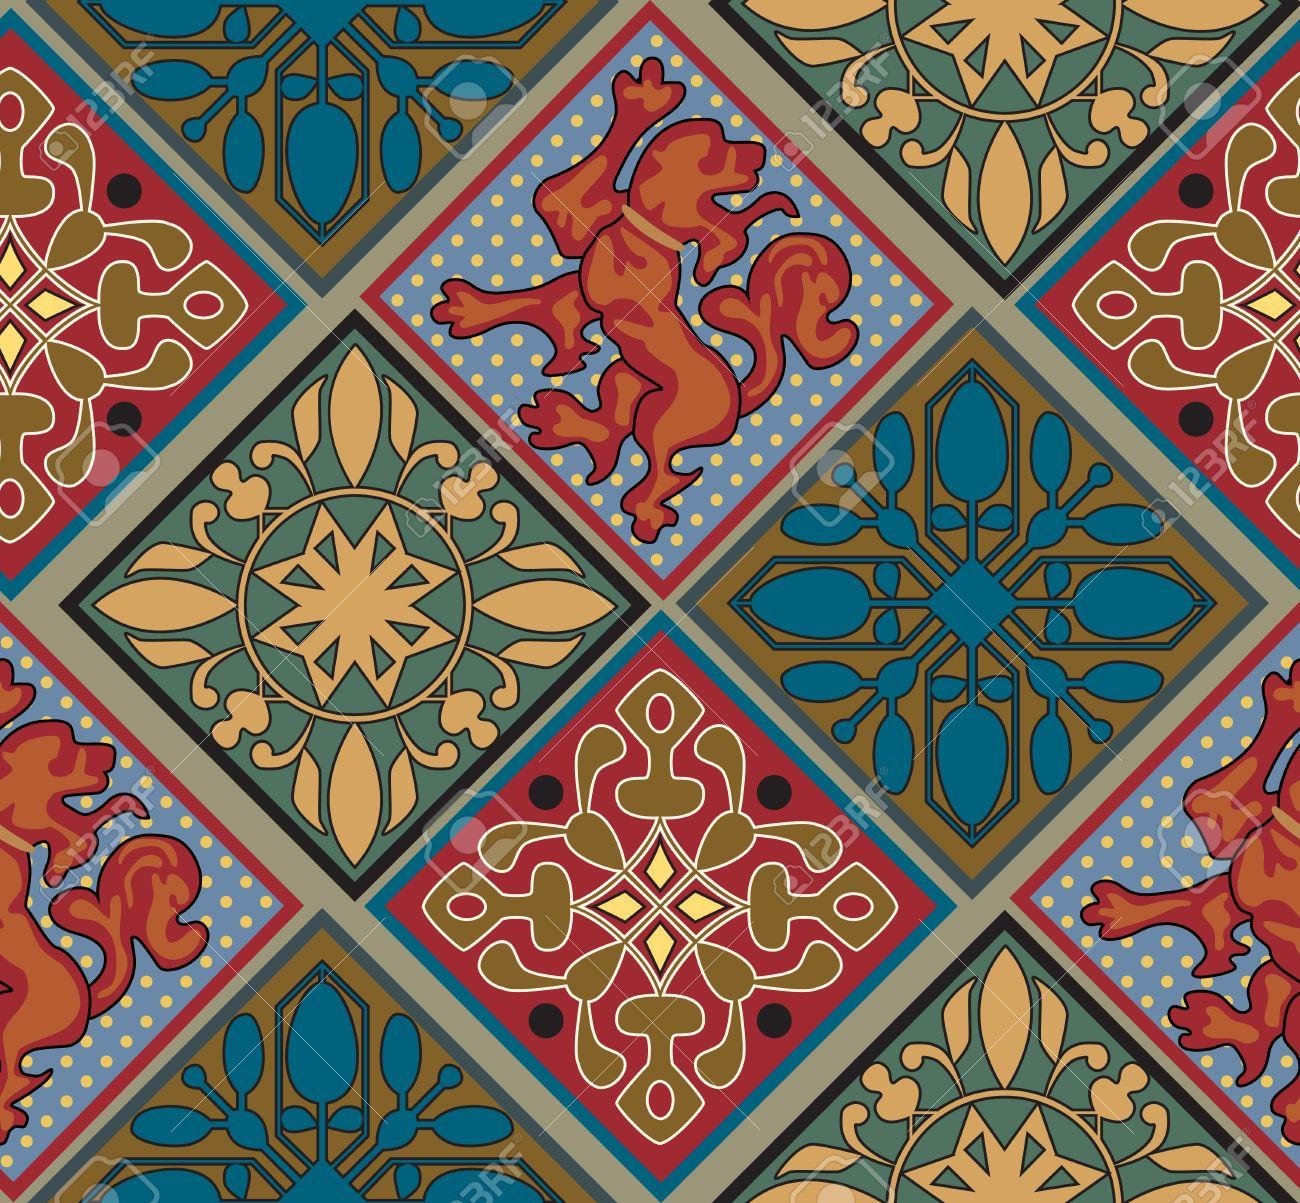 Barock Konigs Fliesen Muster Bunte Fliesen Lion Emblem Barocke